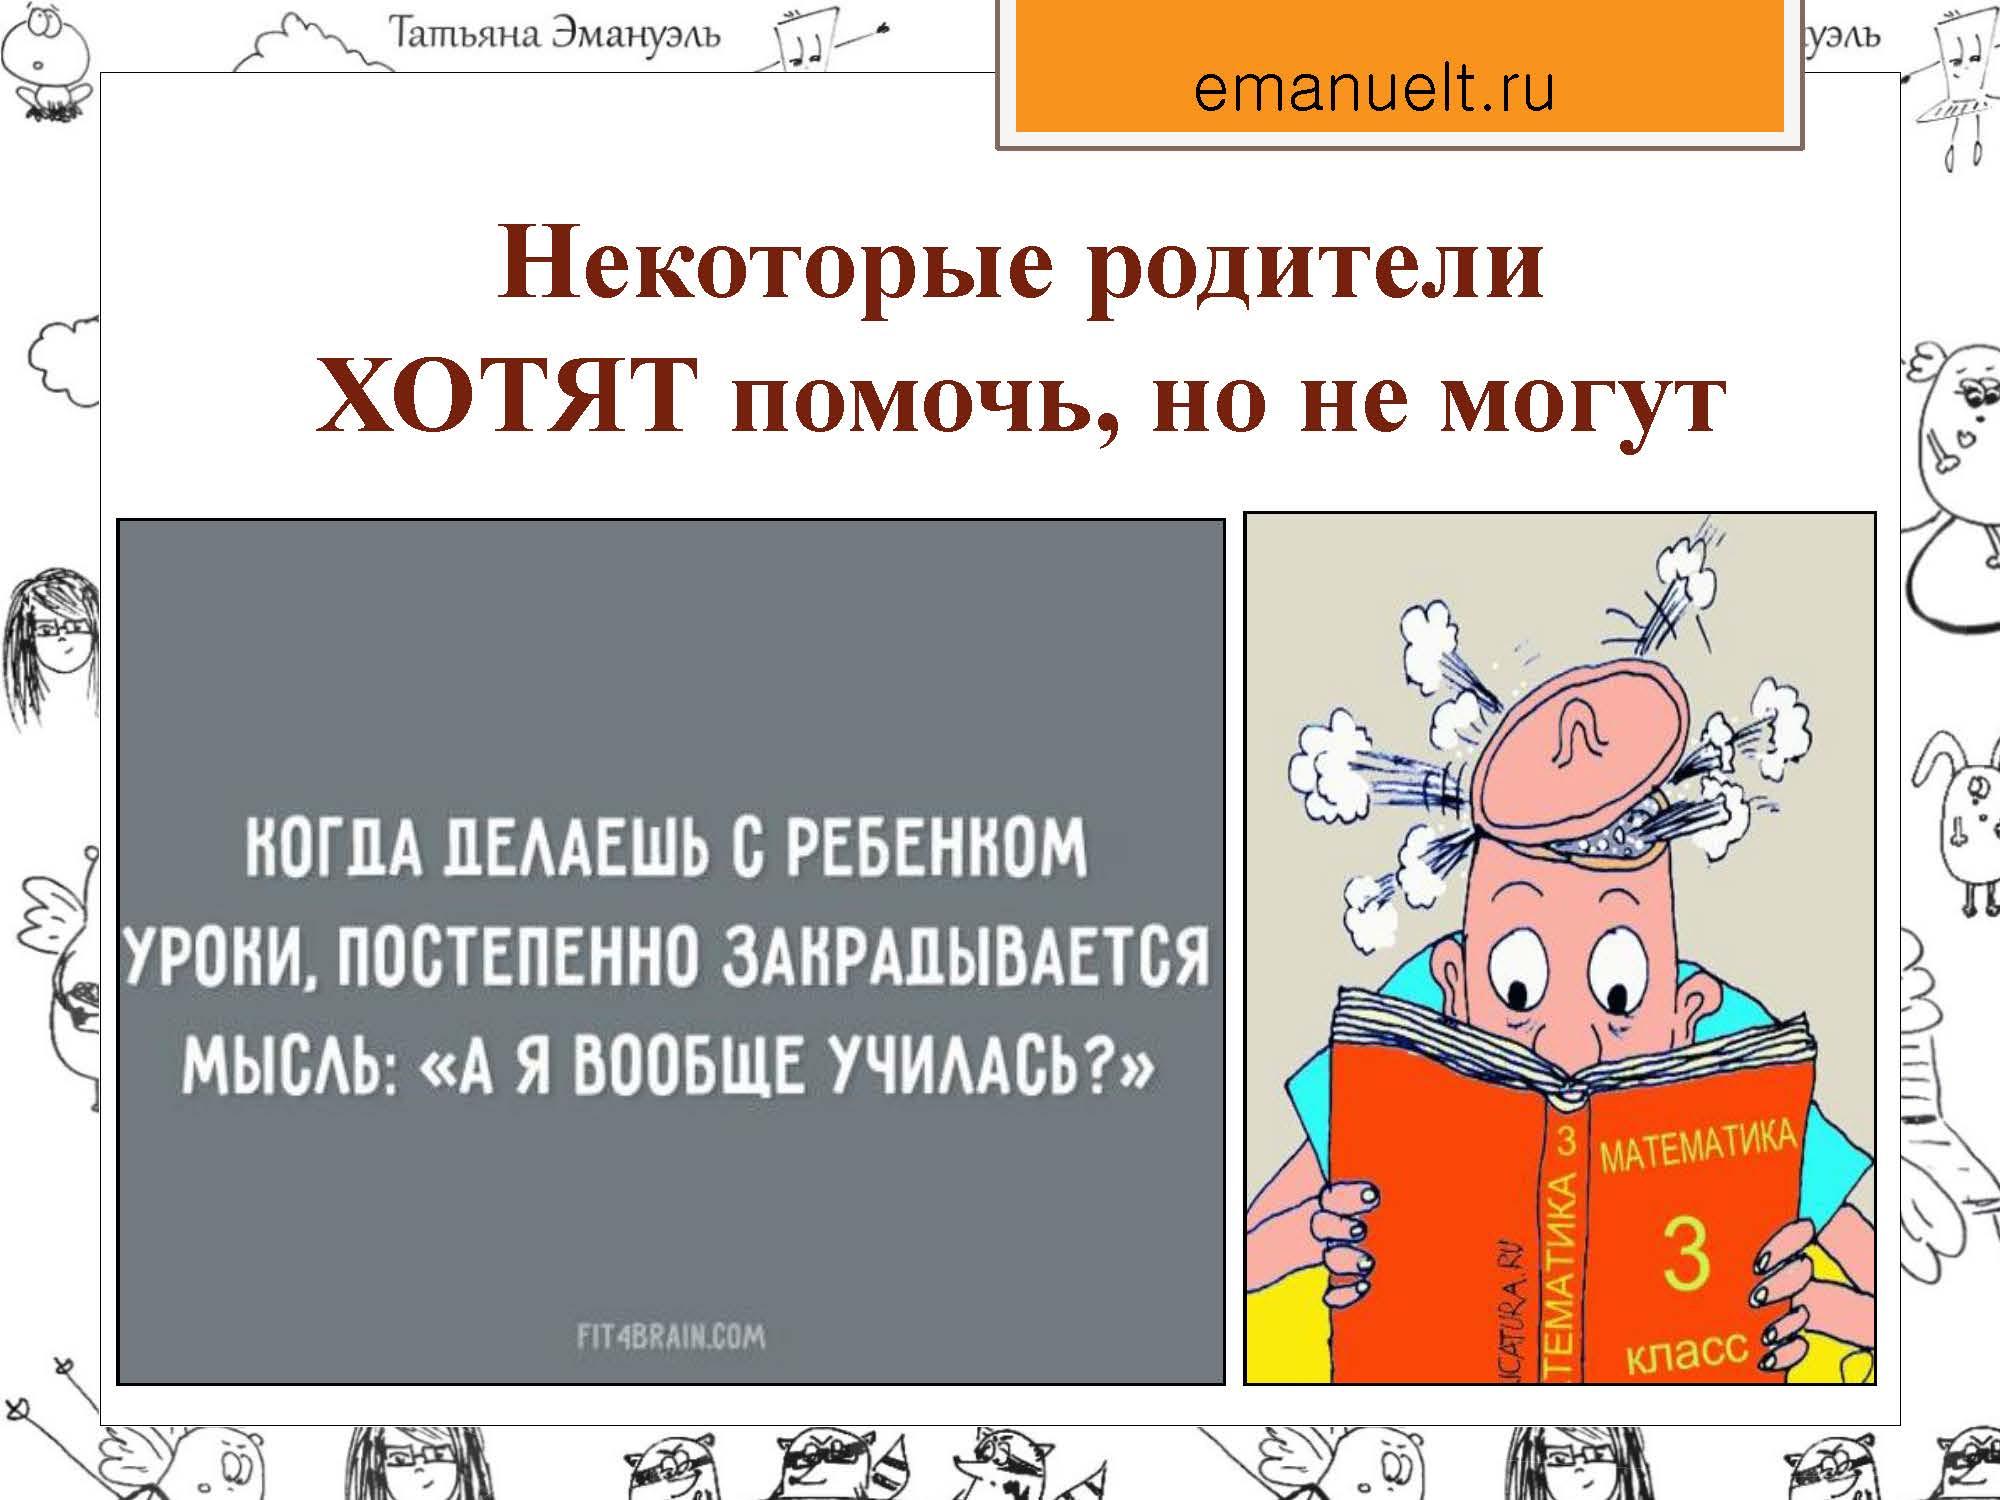 секция 8. Эмануэль Т.С., Московский район_Страница_09